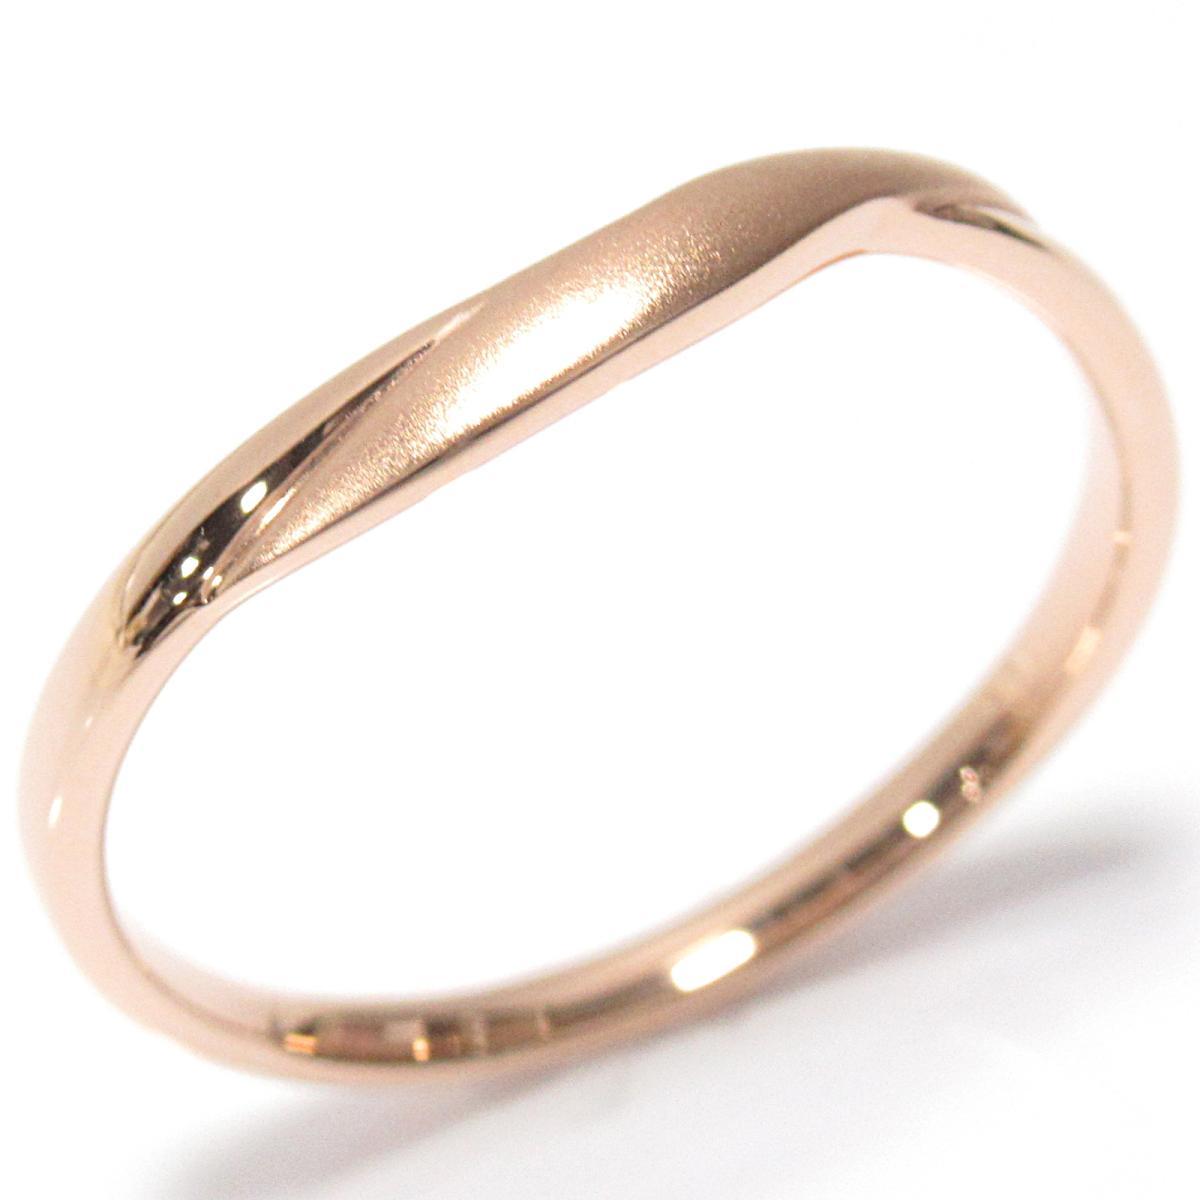 【中古】 ジュエリー デザインリング 指輪 メンズ レディース K18PG (750) ピンクゴールド | JEWELRY BRANDOFF ブランドオフ ブランド アクセサリー リング